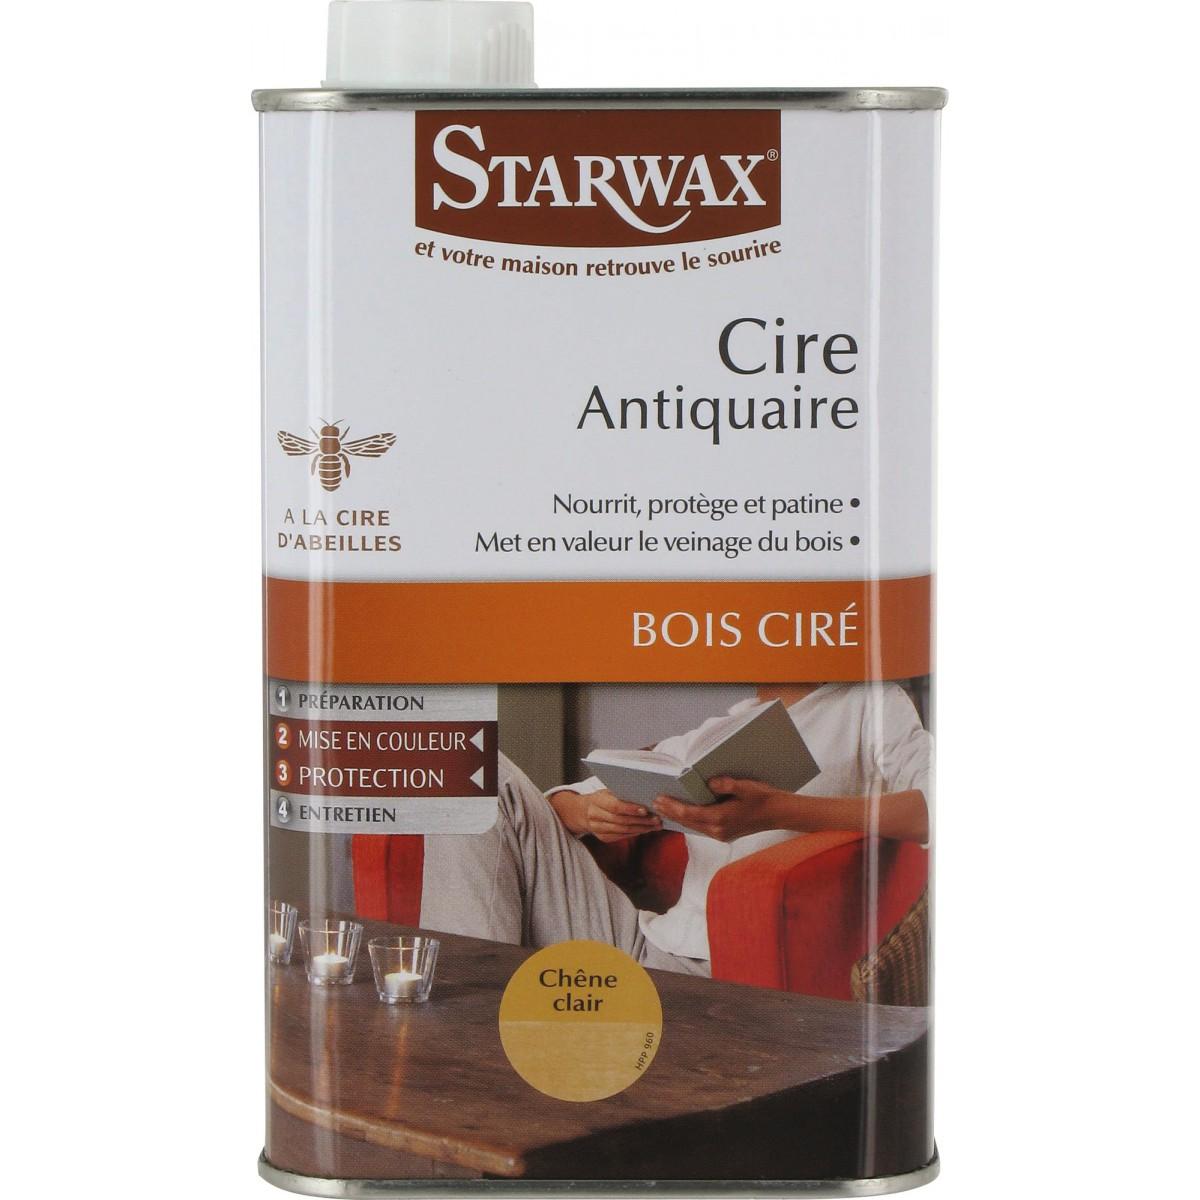 Cire antiquaire Starwax - Chêne clair - 500 ml